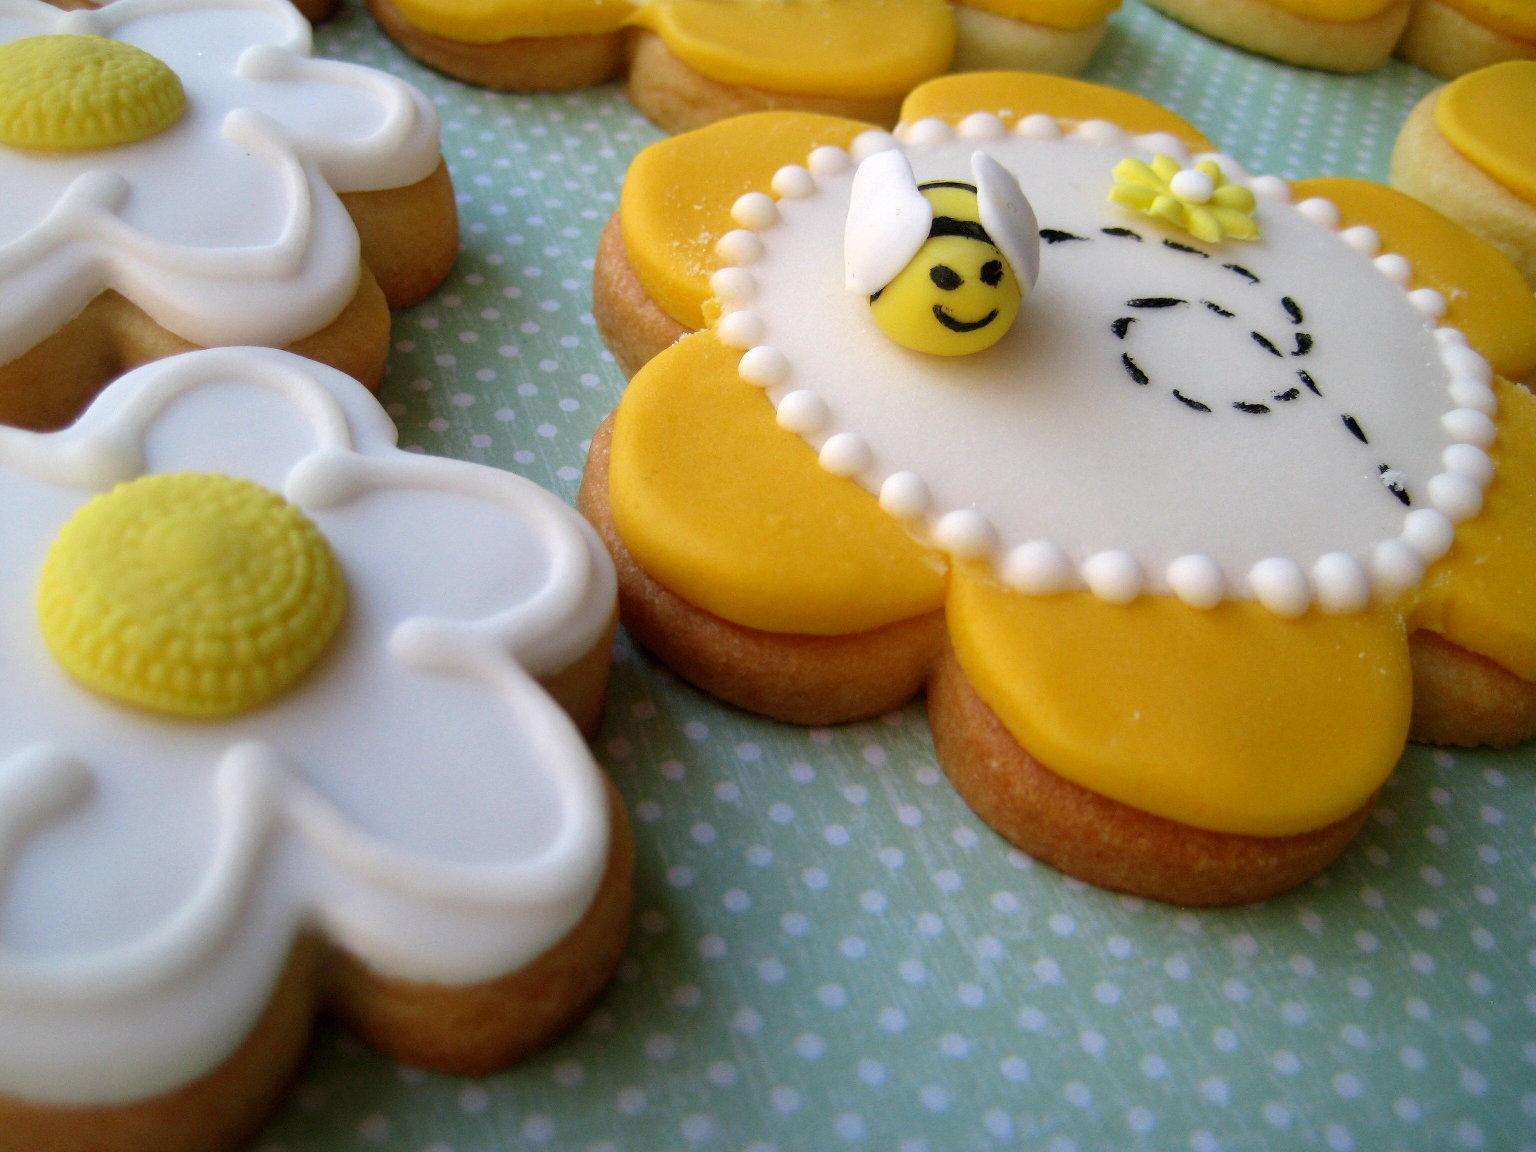 Spring Inspired Bee and Flower cookies - Daring Bakers September 2010